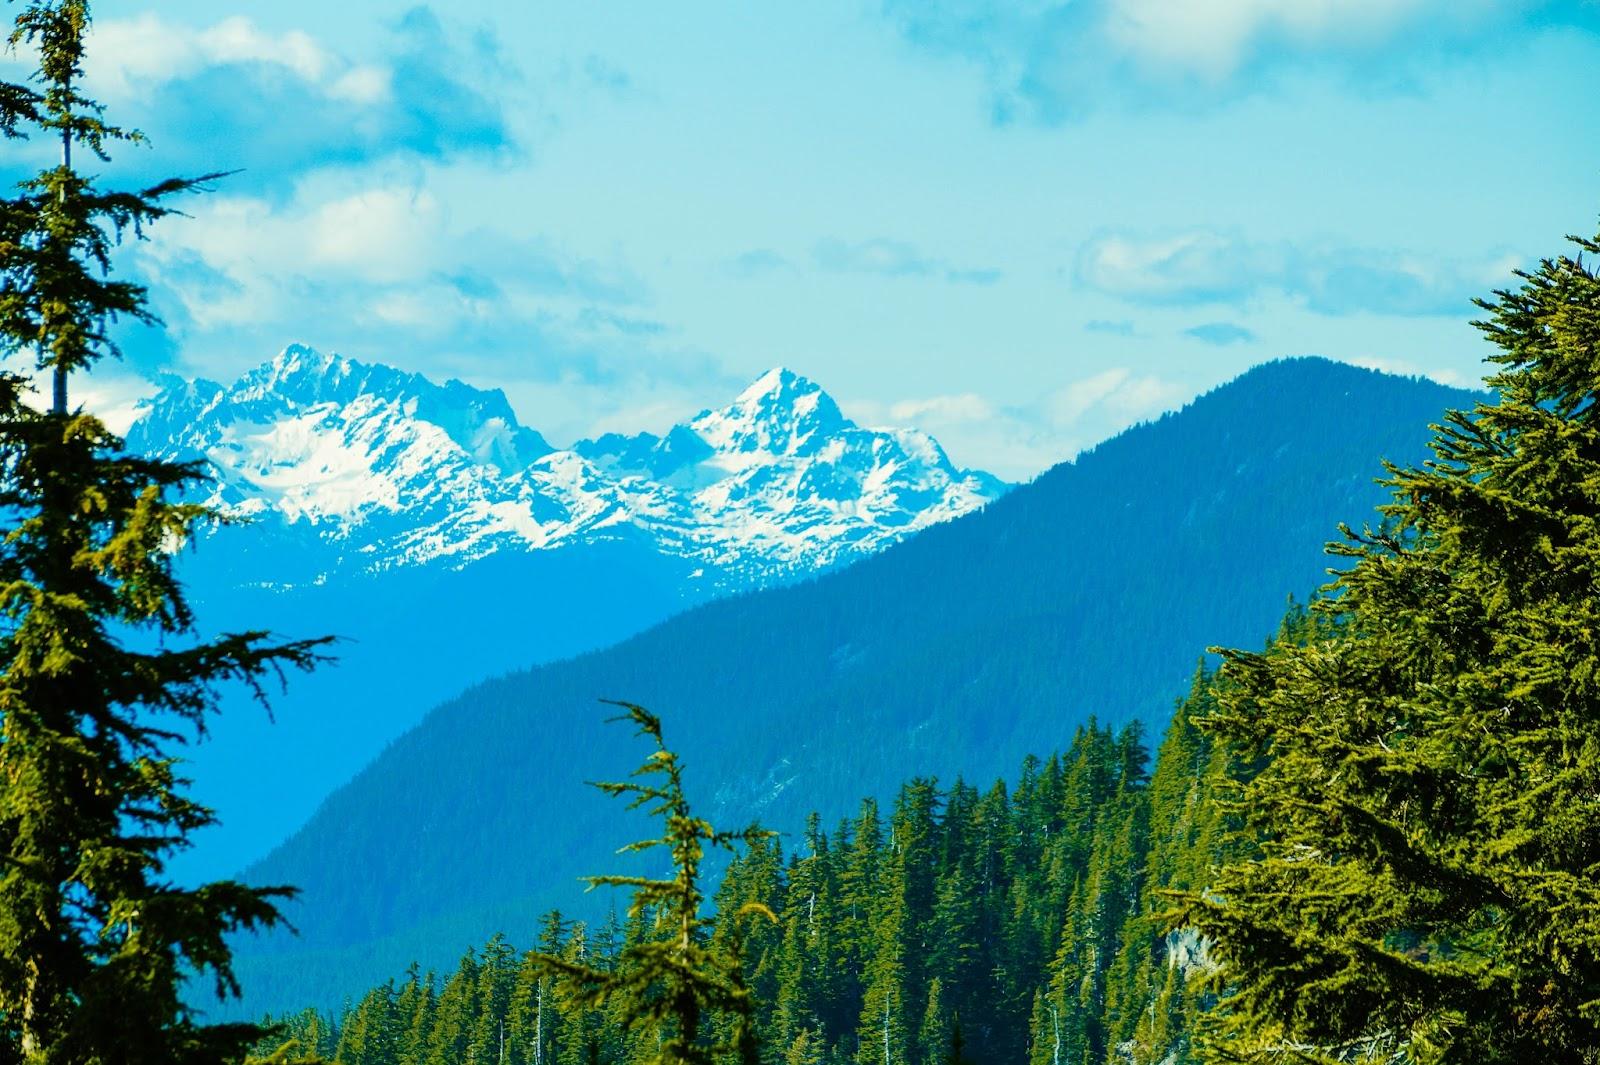 Как многие горы в этом провинциальном парке, гора Тантал была названа в честь героя древнегреческой мифологии